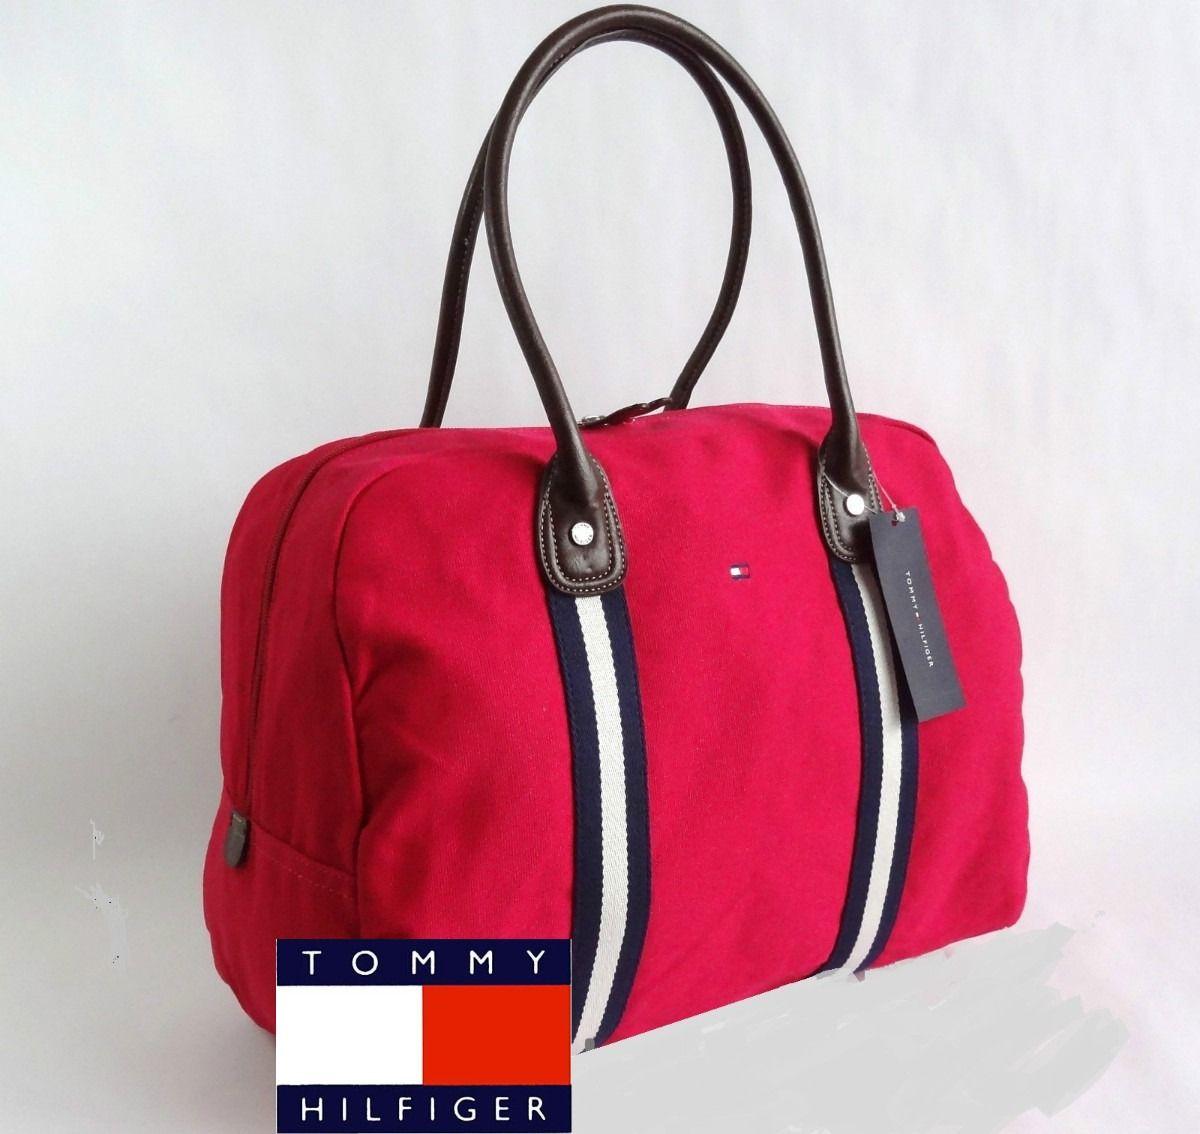 tommy hilfiger bag bolso tommy hilfiger bags. Black Bedroom Furniture Sets. Home Design Ideas